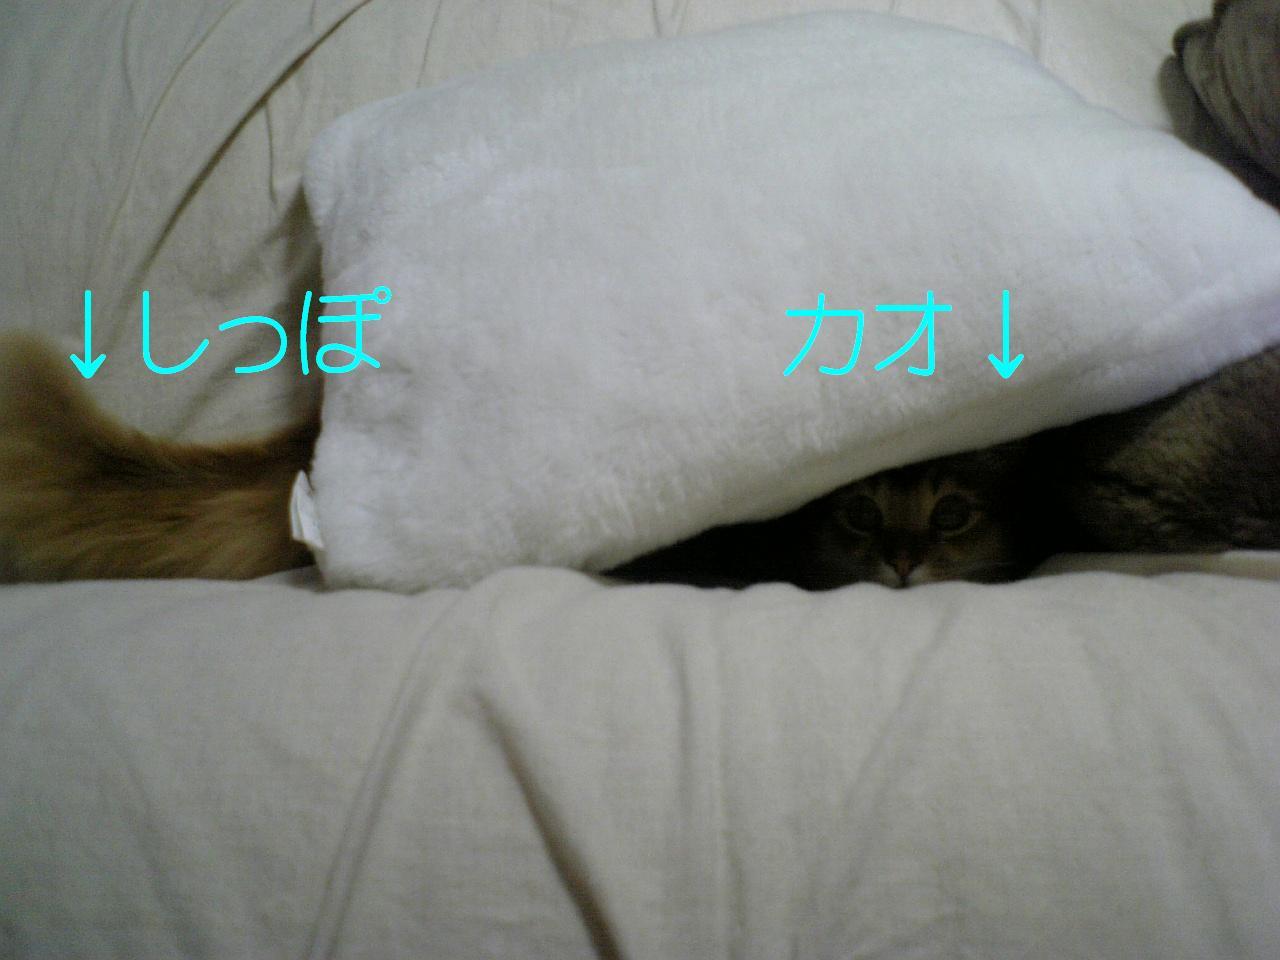 f0060373_1864927.jpg